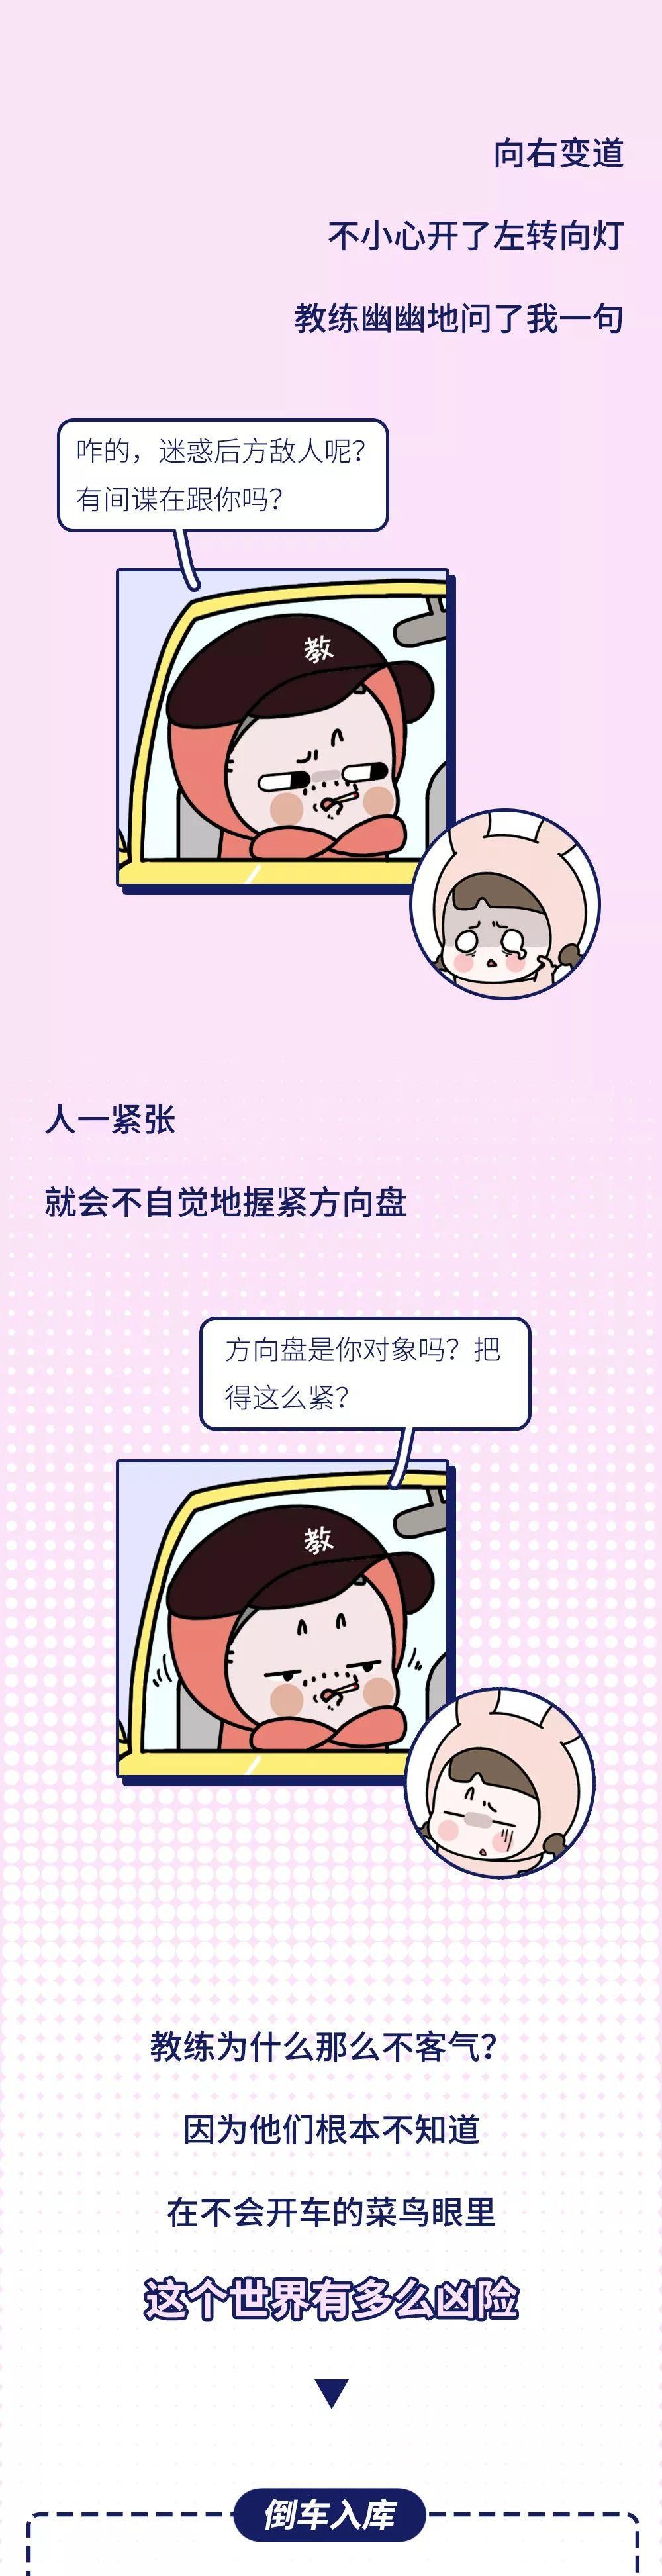 漫画:来源兔(id:iiilass)相聚跑步指南一起哈哈哈~~~电脑:兔姐少女超清壁纸来源图片